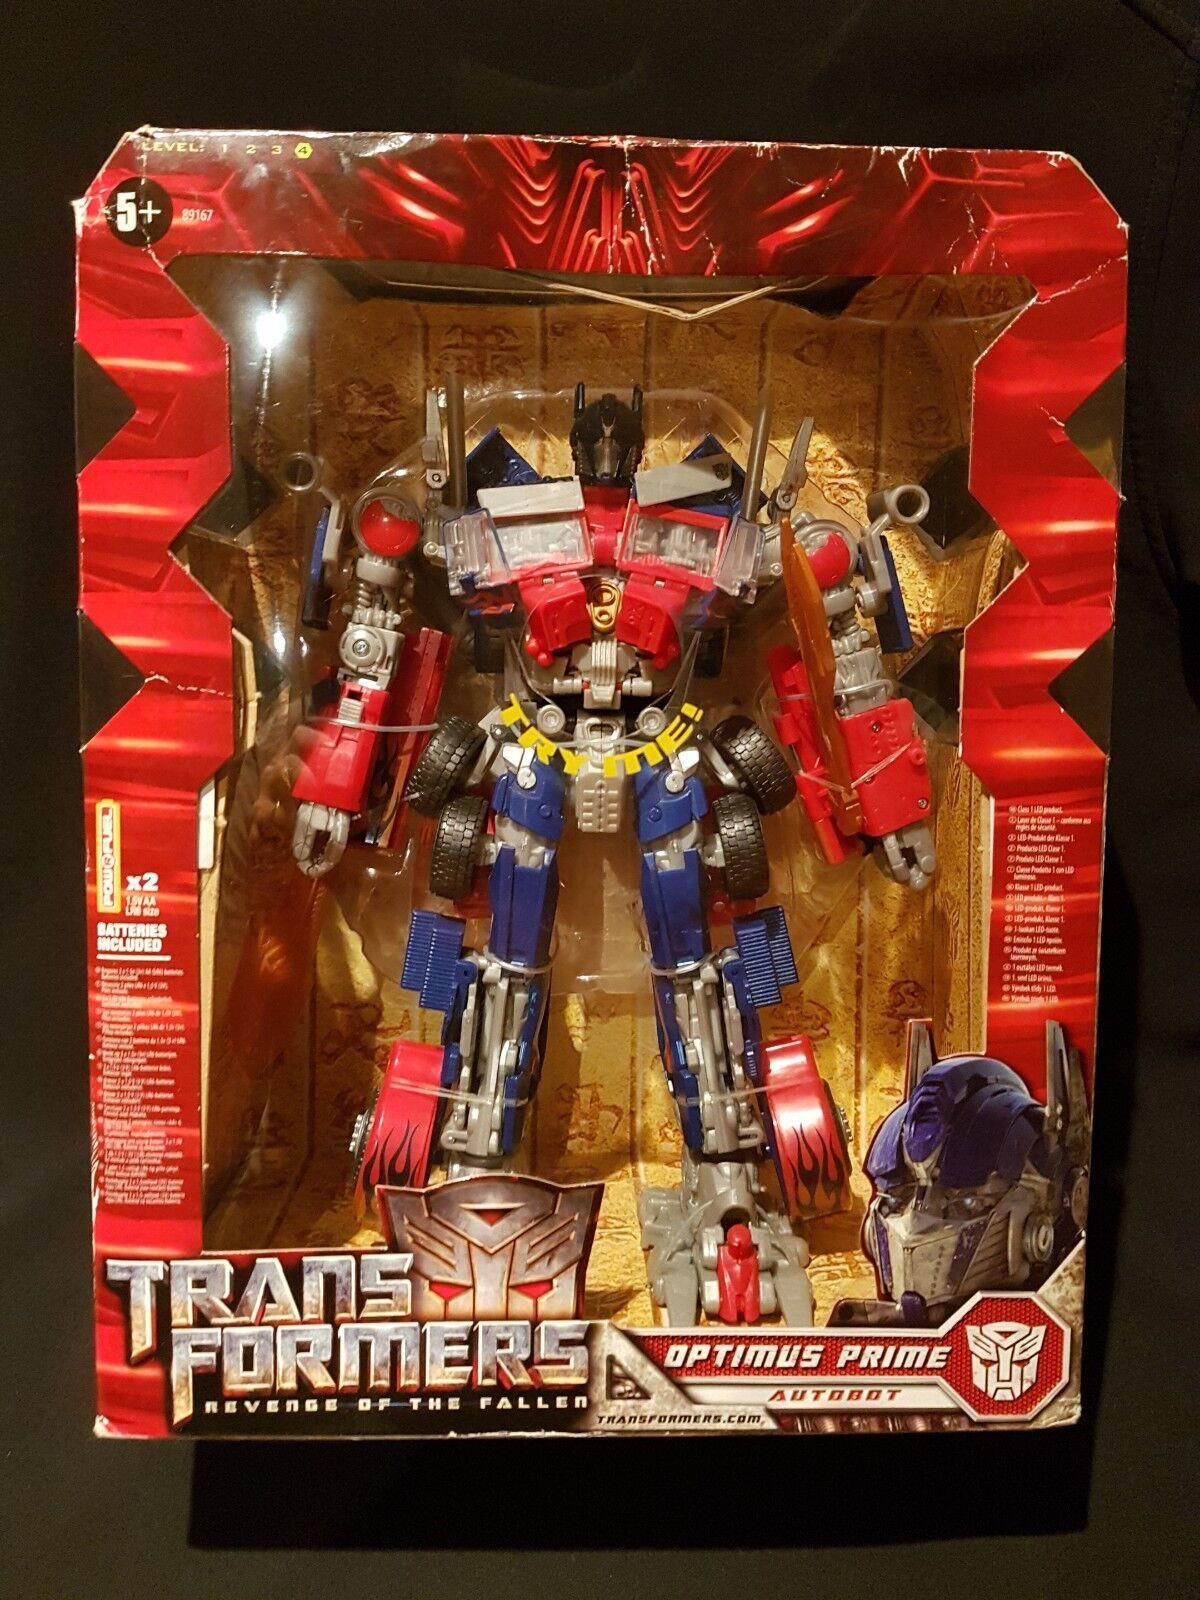 Transformers rojof Mechtech Leader Class Optimus Prime Figura De Acción 2008 Hasbro